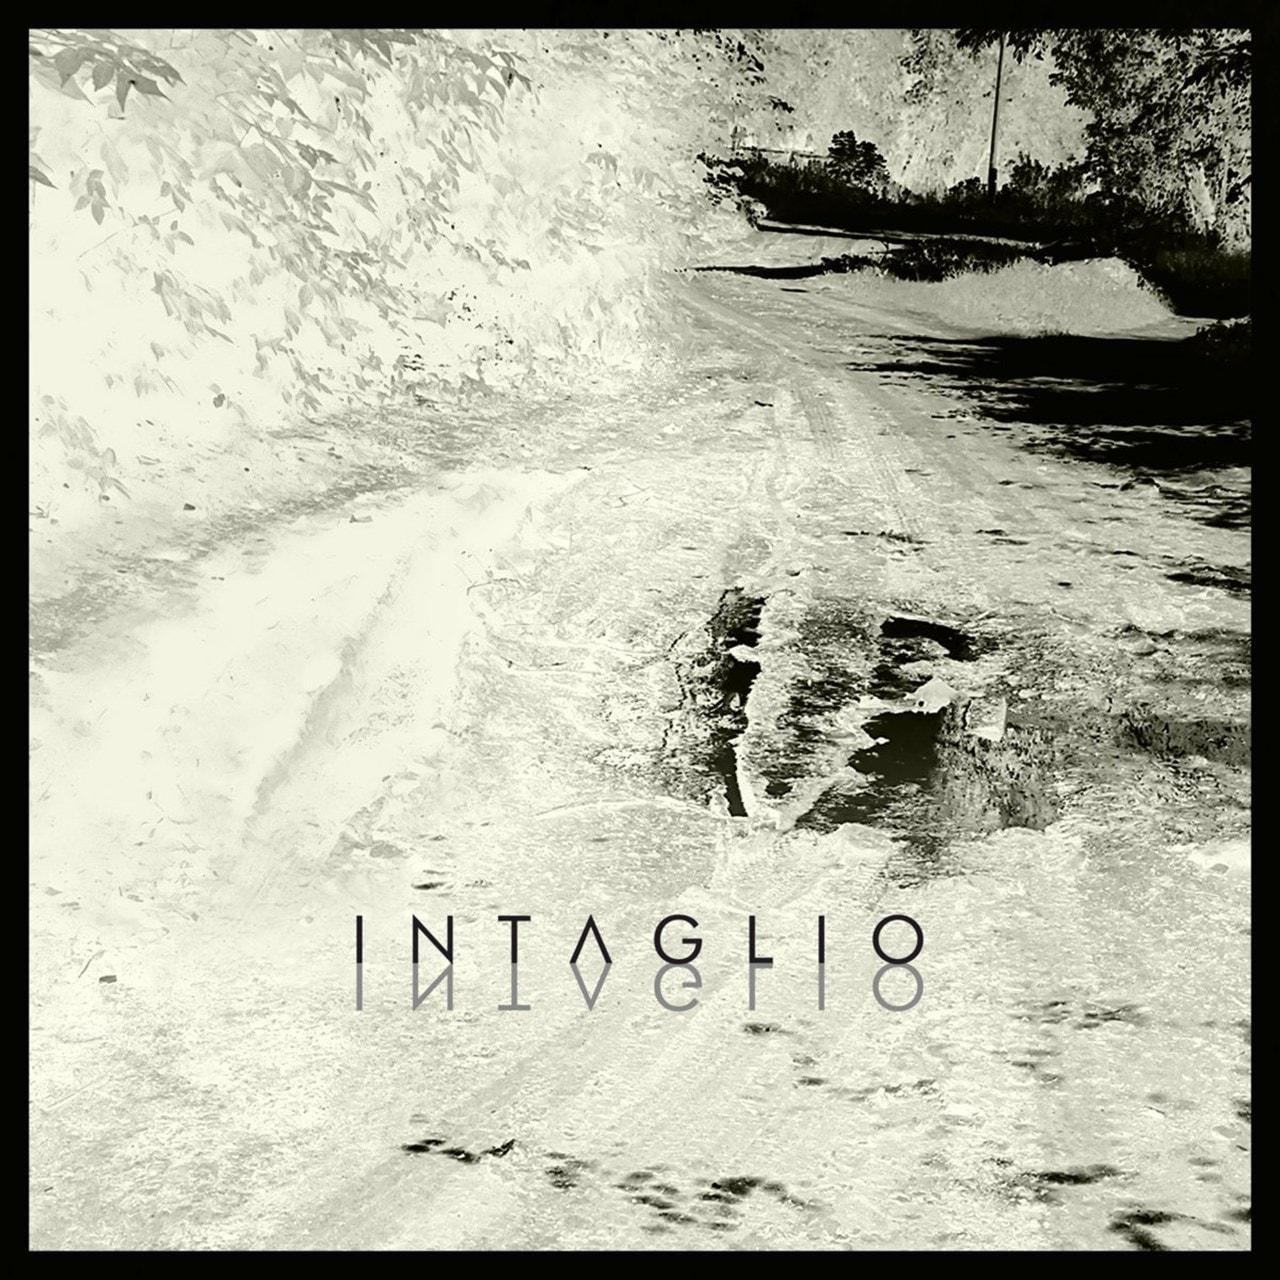 Intaglio - 1